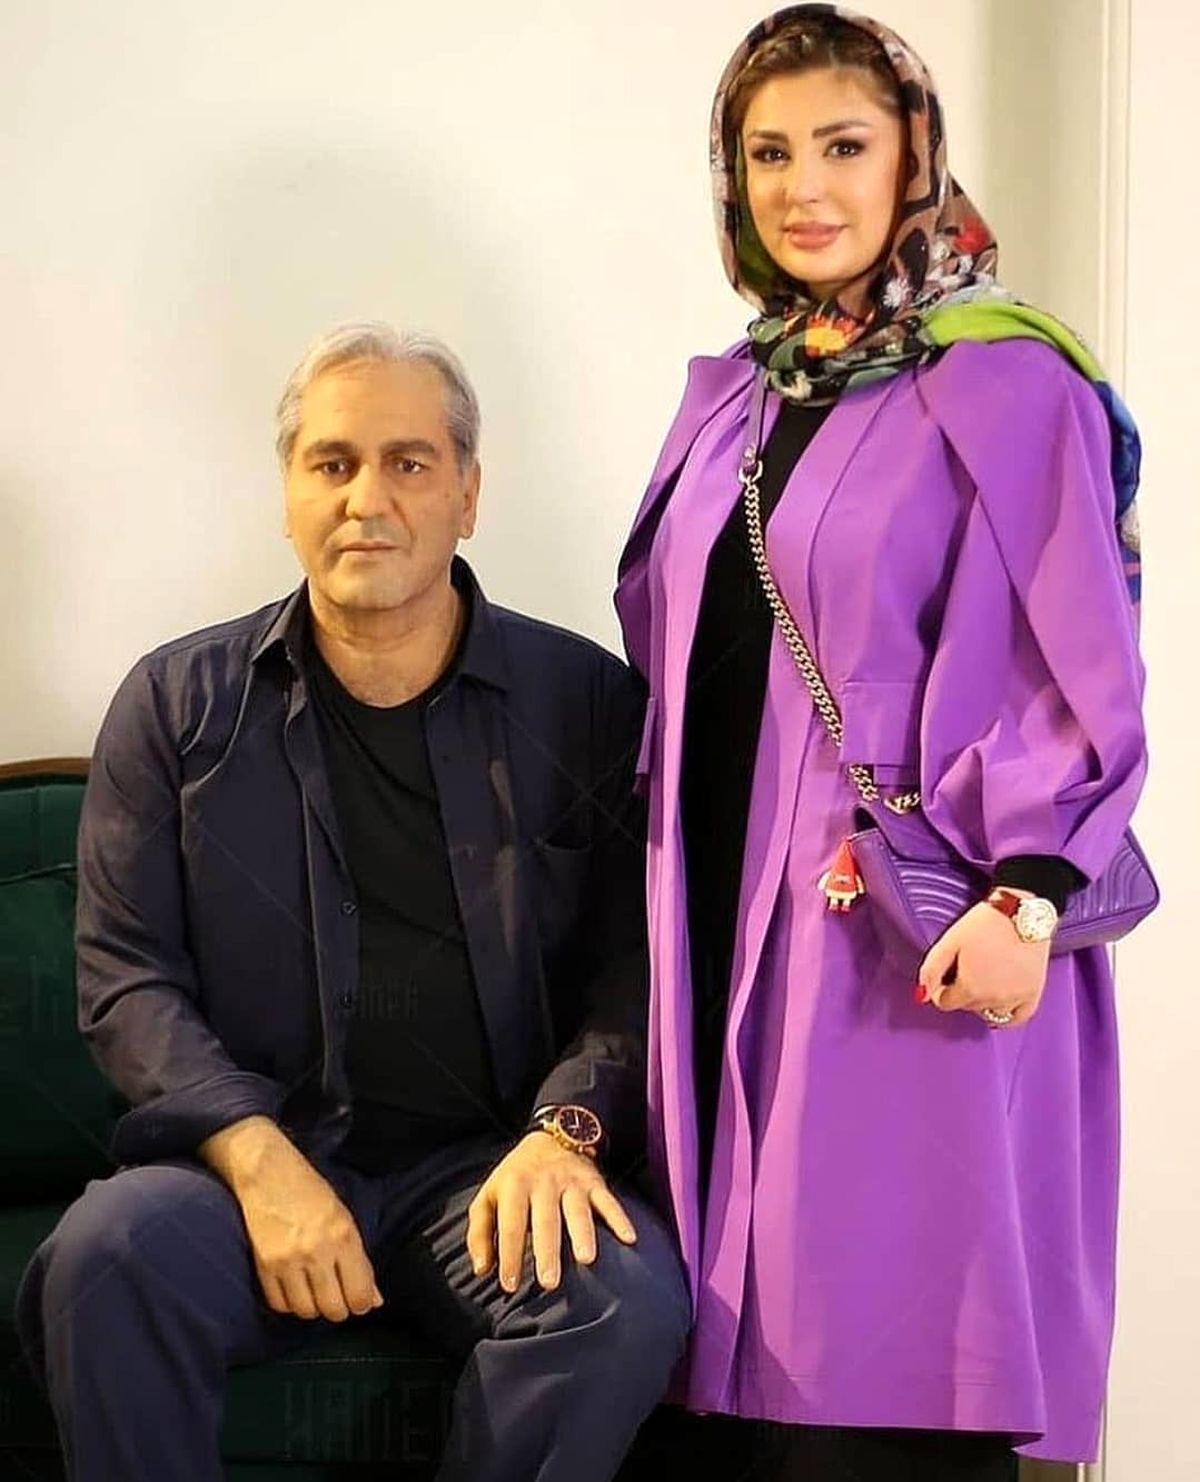 تیپ نیوشا ضیغمی در کنار مجسمه مهران مدیری+ عکس